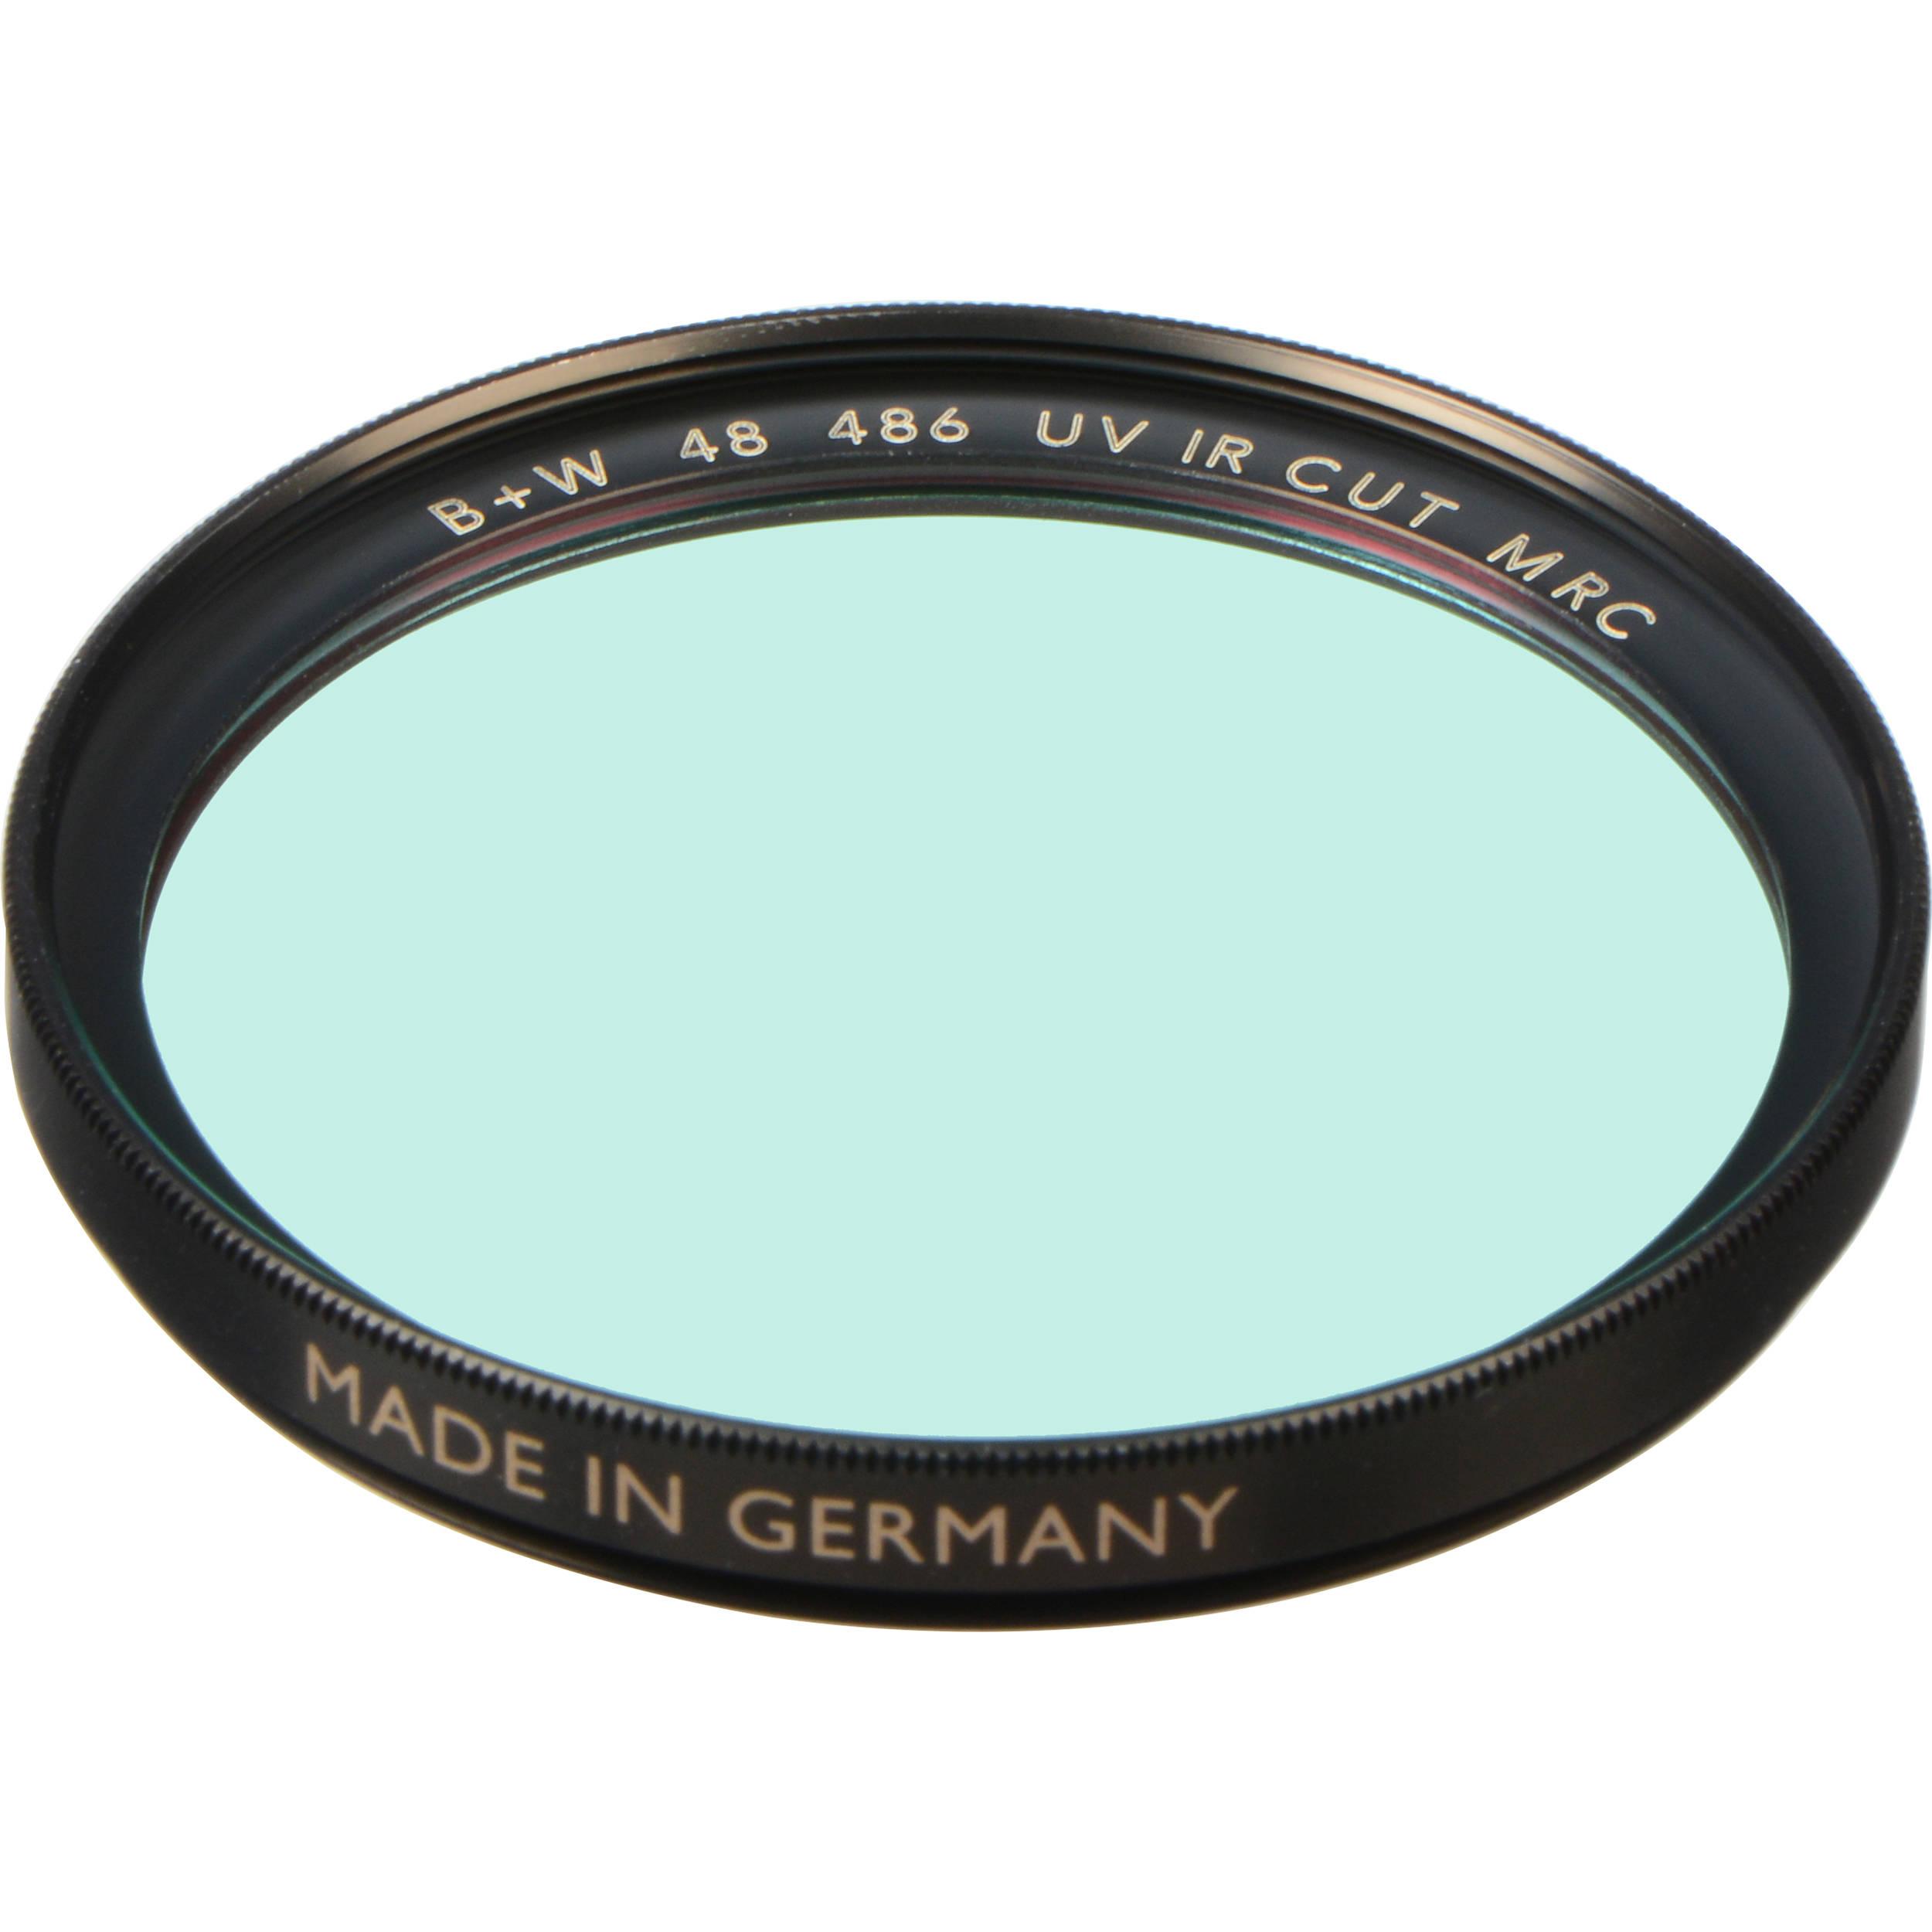 B+W 52mm UV/IR Cut MRC 486M Filter